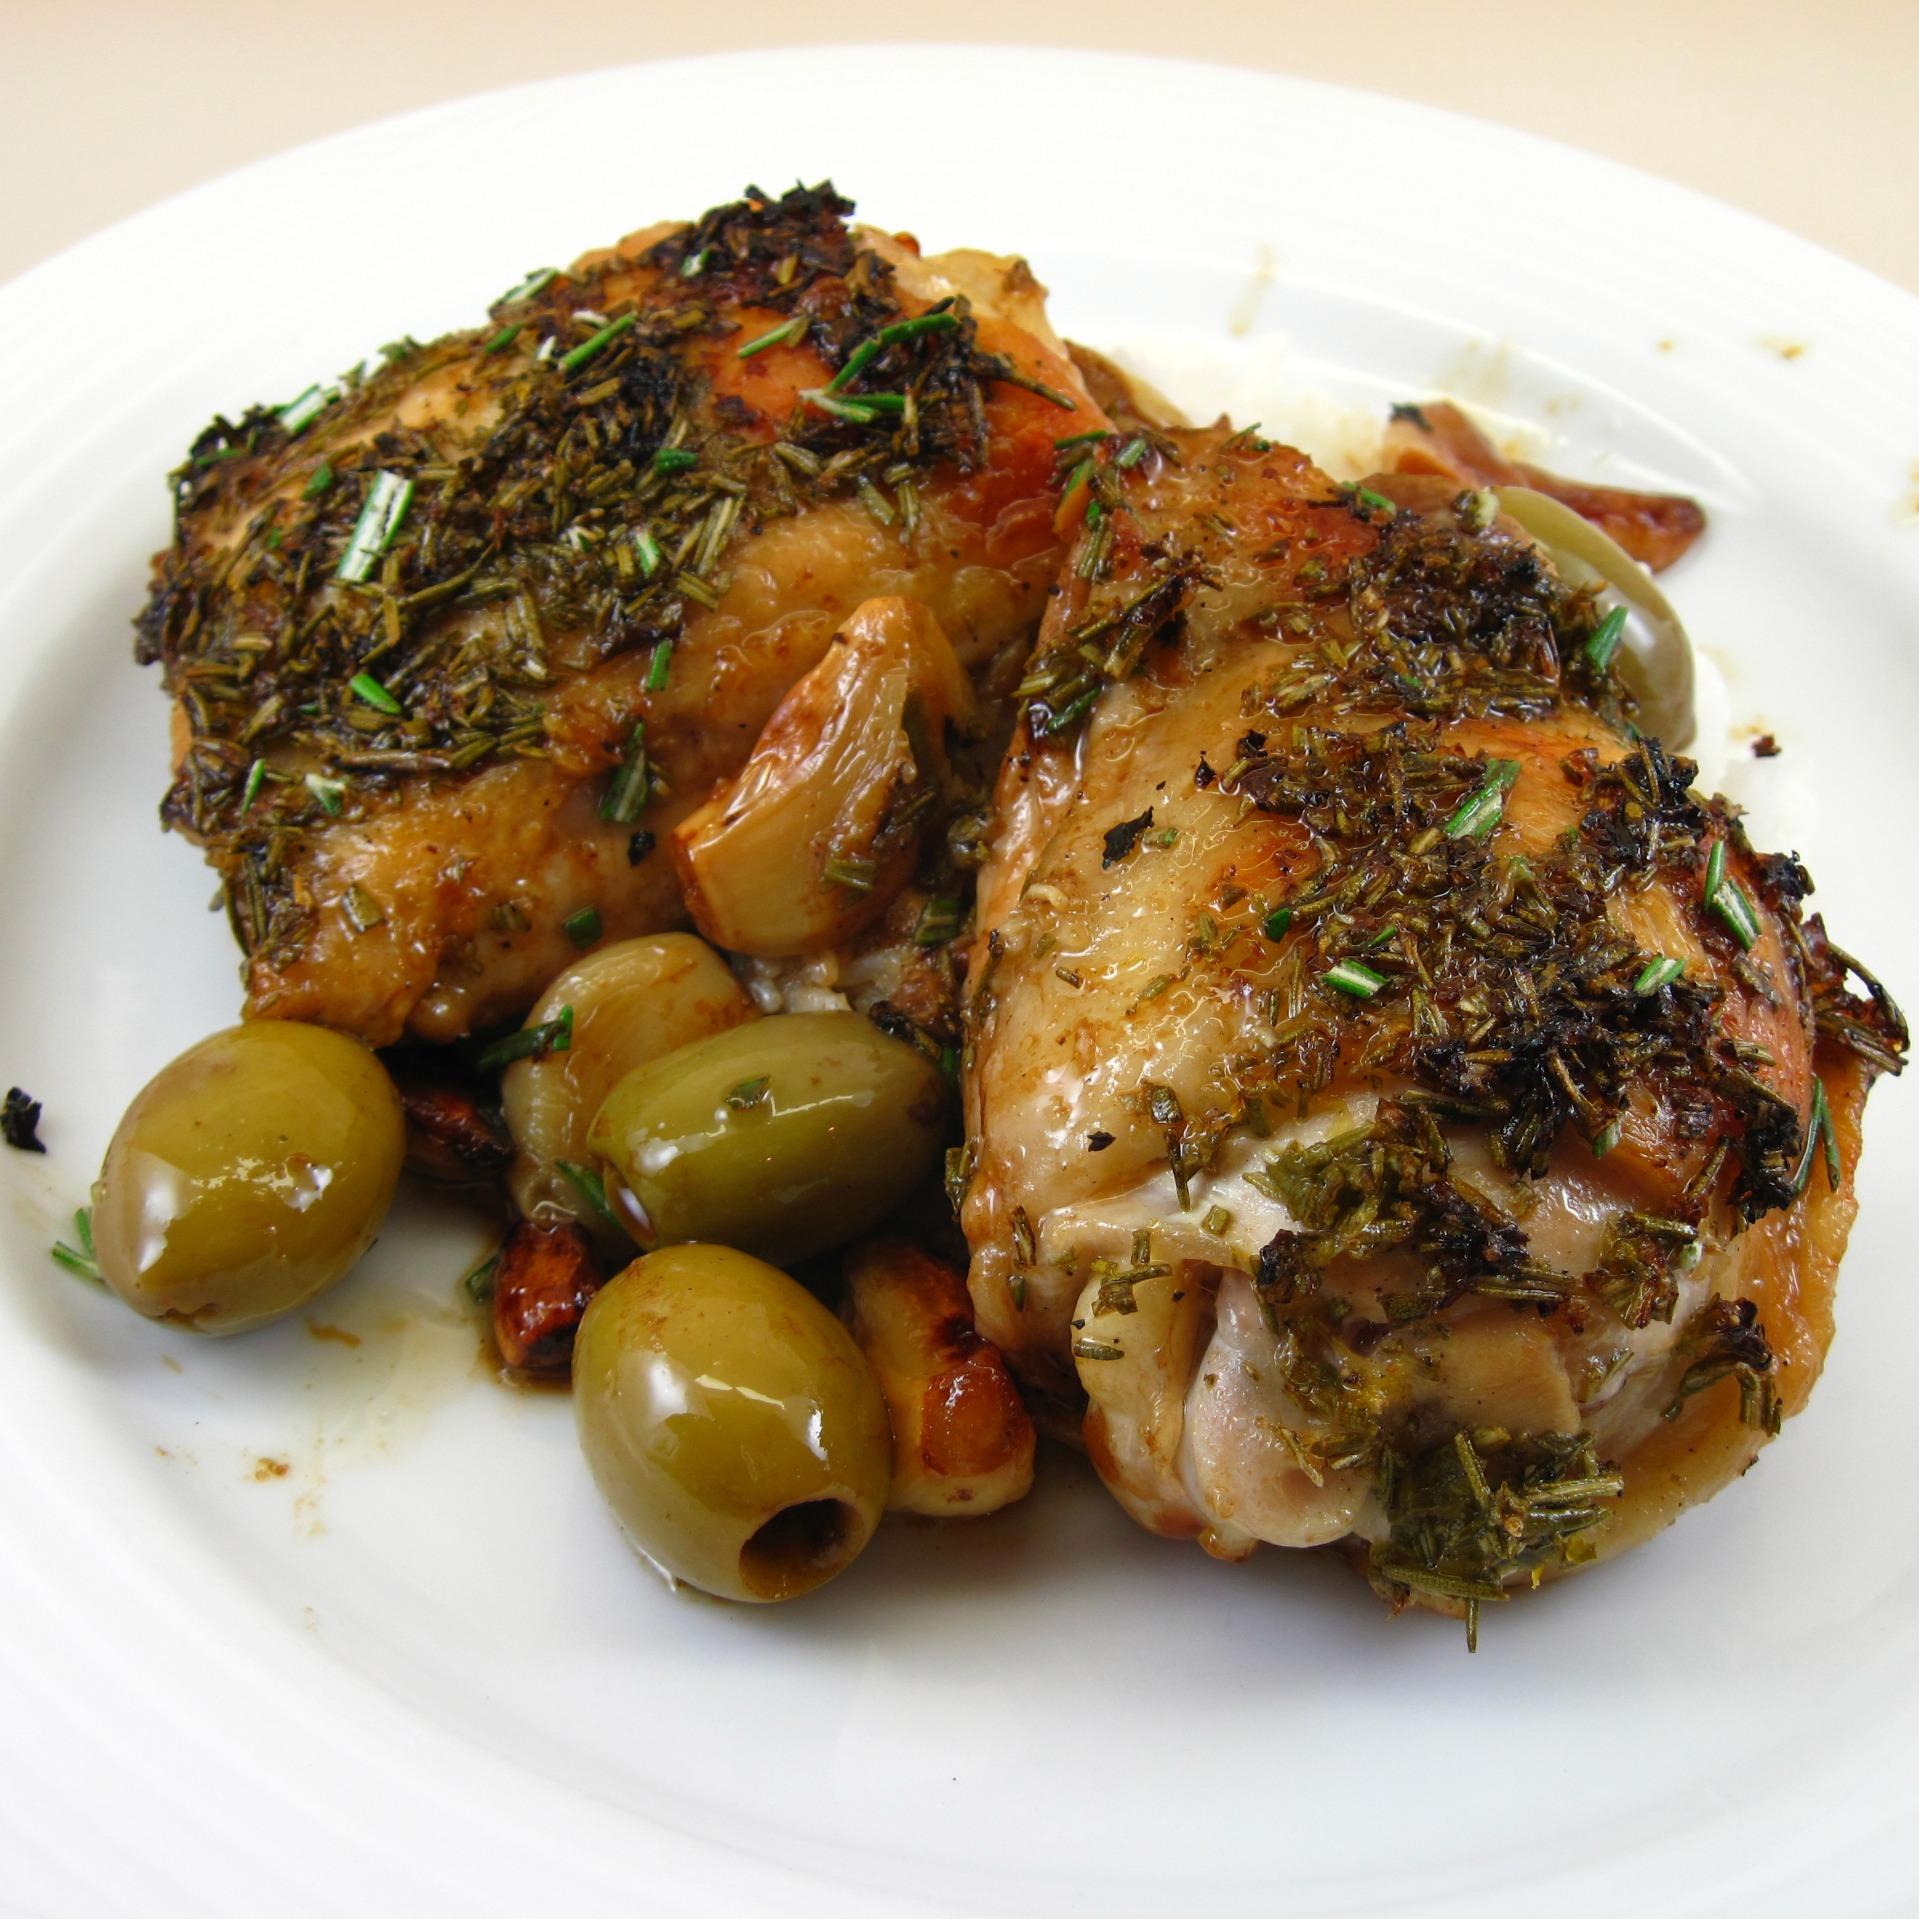 Chicken Garlic With Fresh Herbs Recipe: Roast Lemon-Garlic Chicken With Green Olives